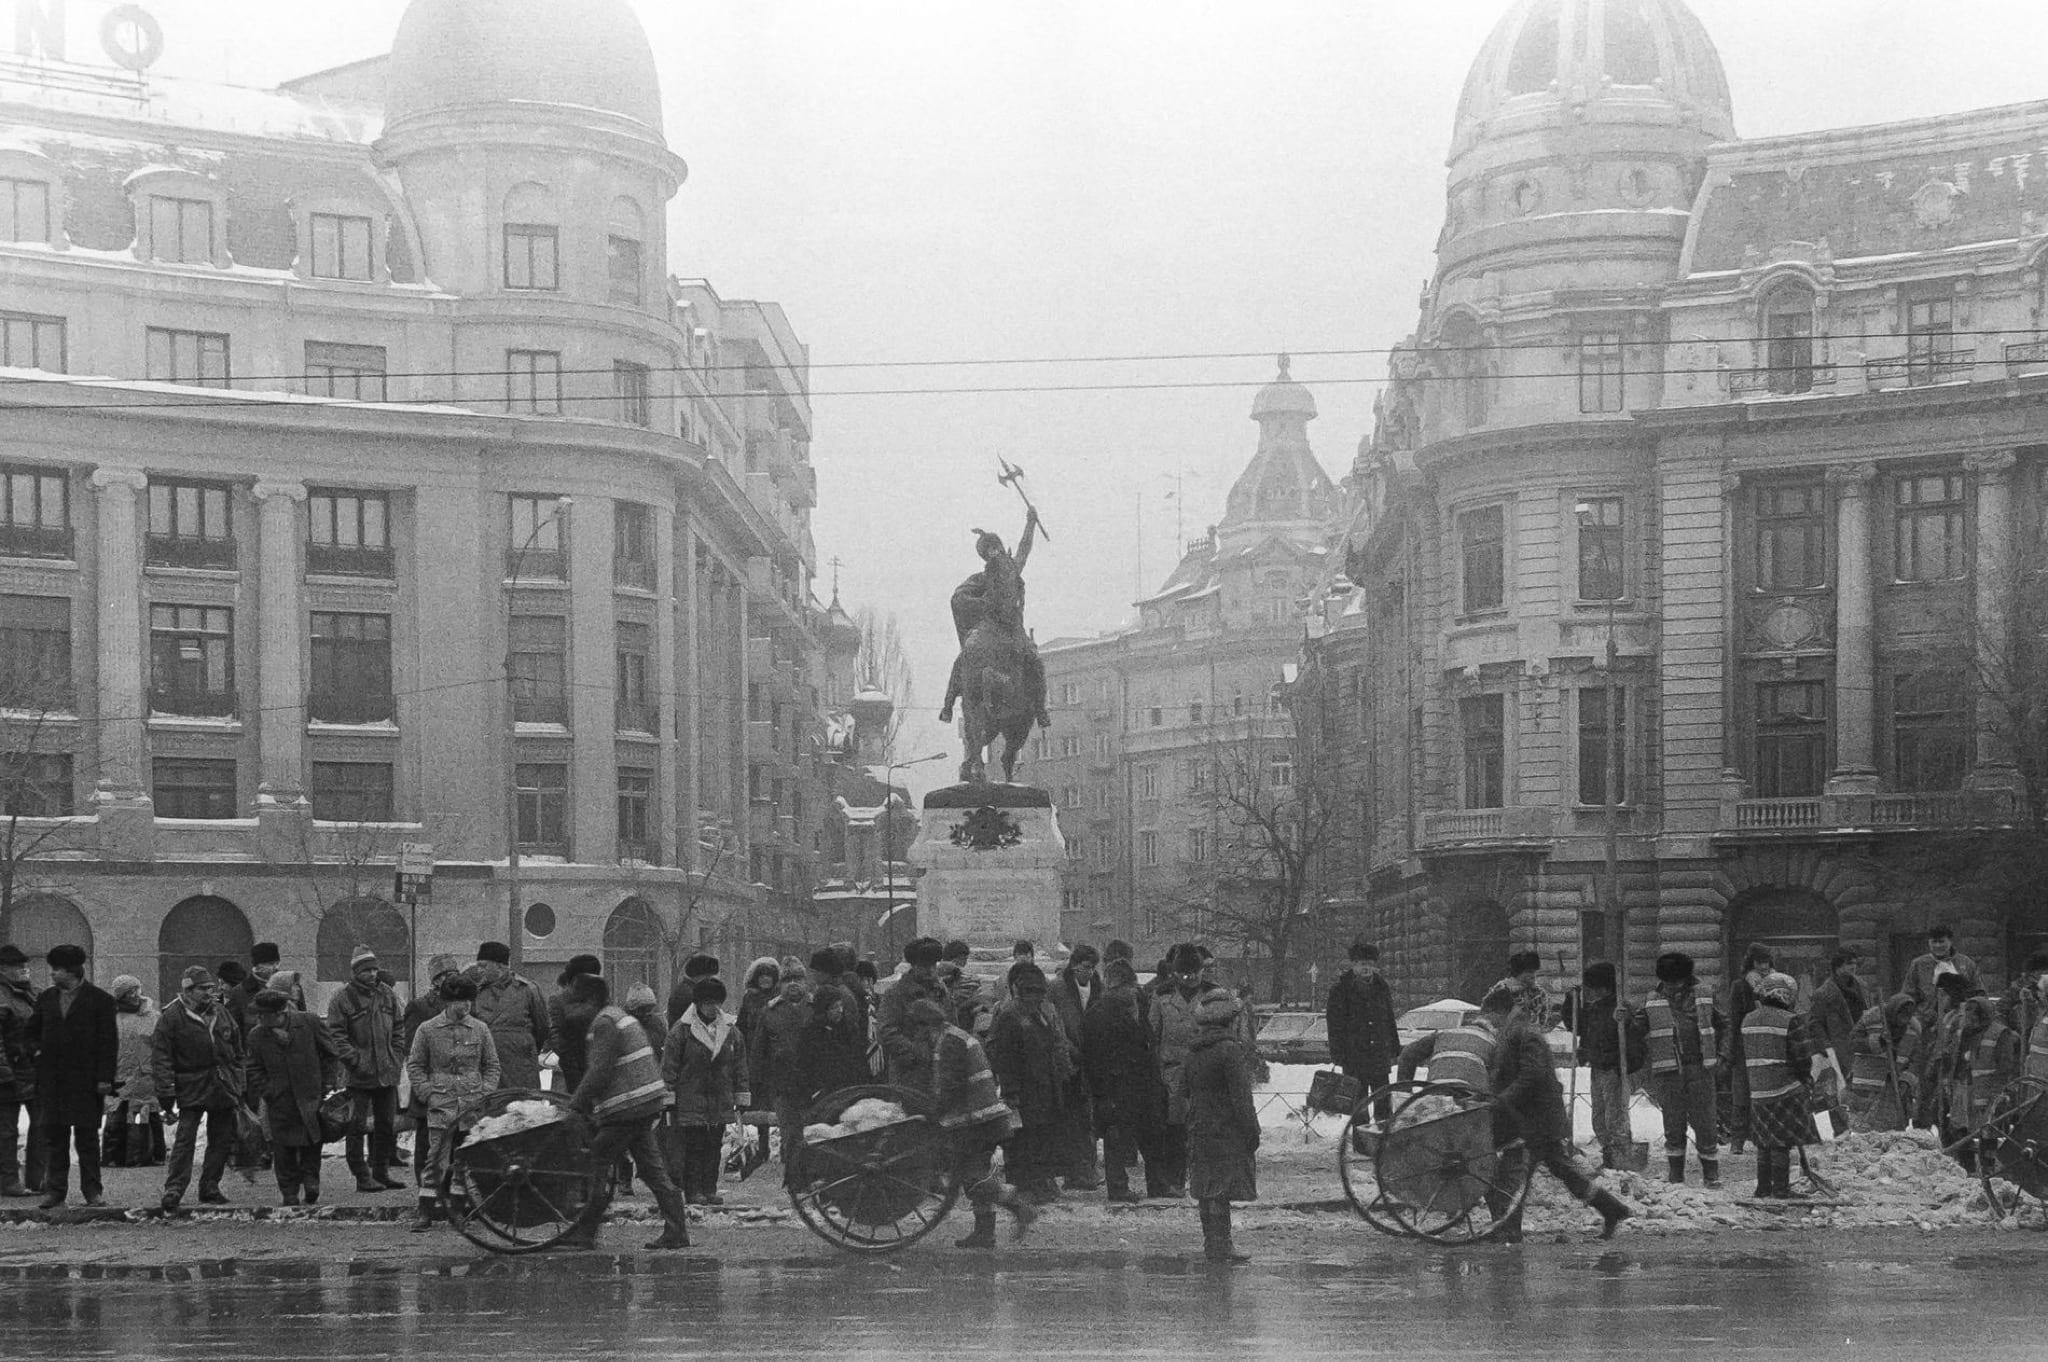 cantacuzino 4 copy - Oameni care au construit Bucureștiul: George Matei Cantacuzino